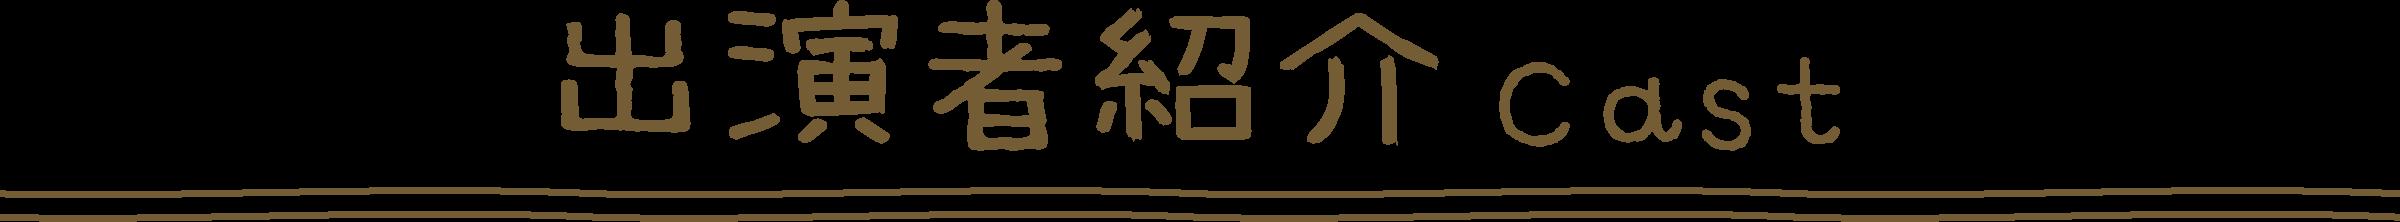 出演者紹介 Cast